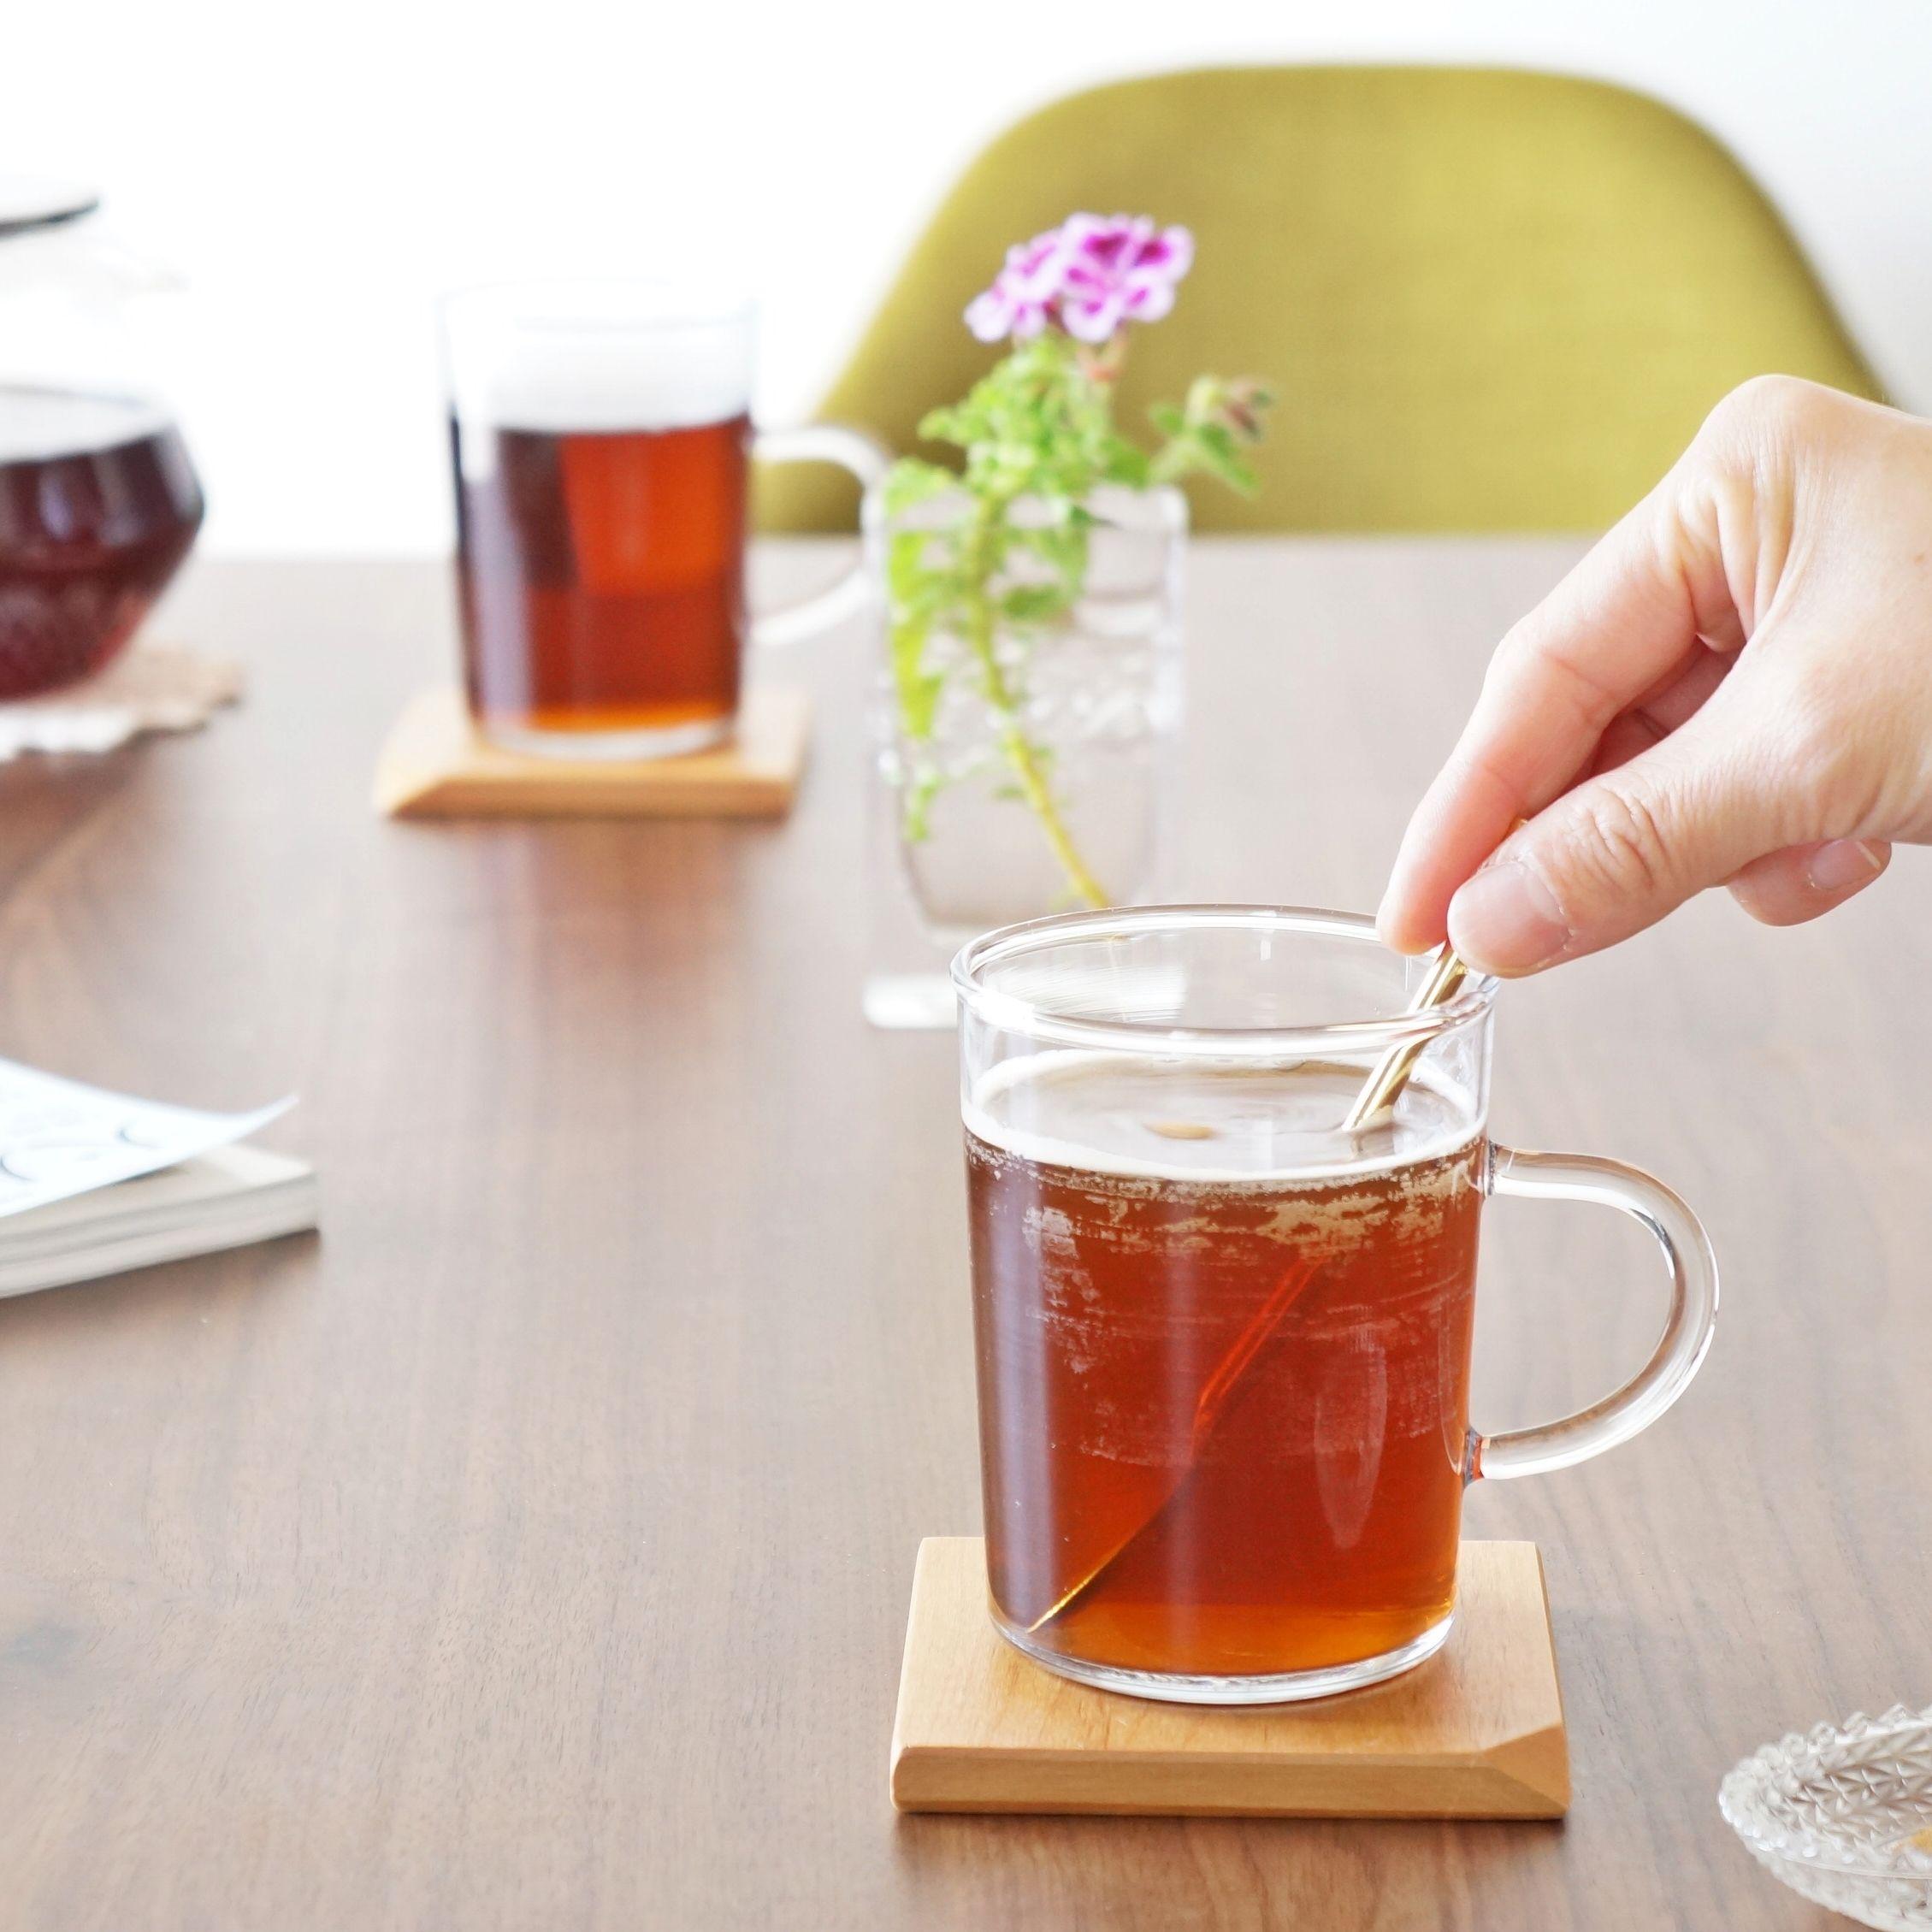 手軽に本格的な美味しさが愉しめる インスタント黒烏龍茶 ダイエットを意識される方にもオススメです